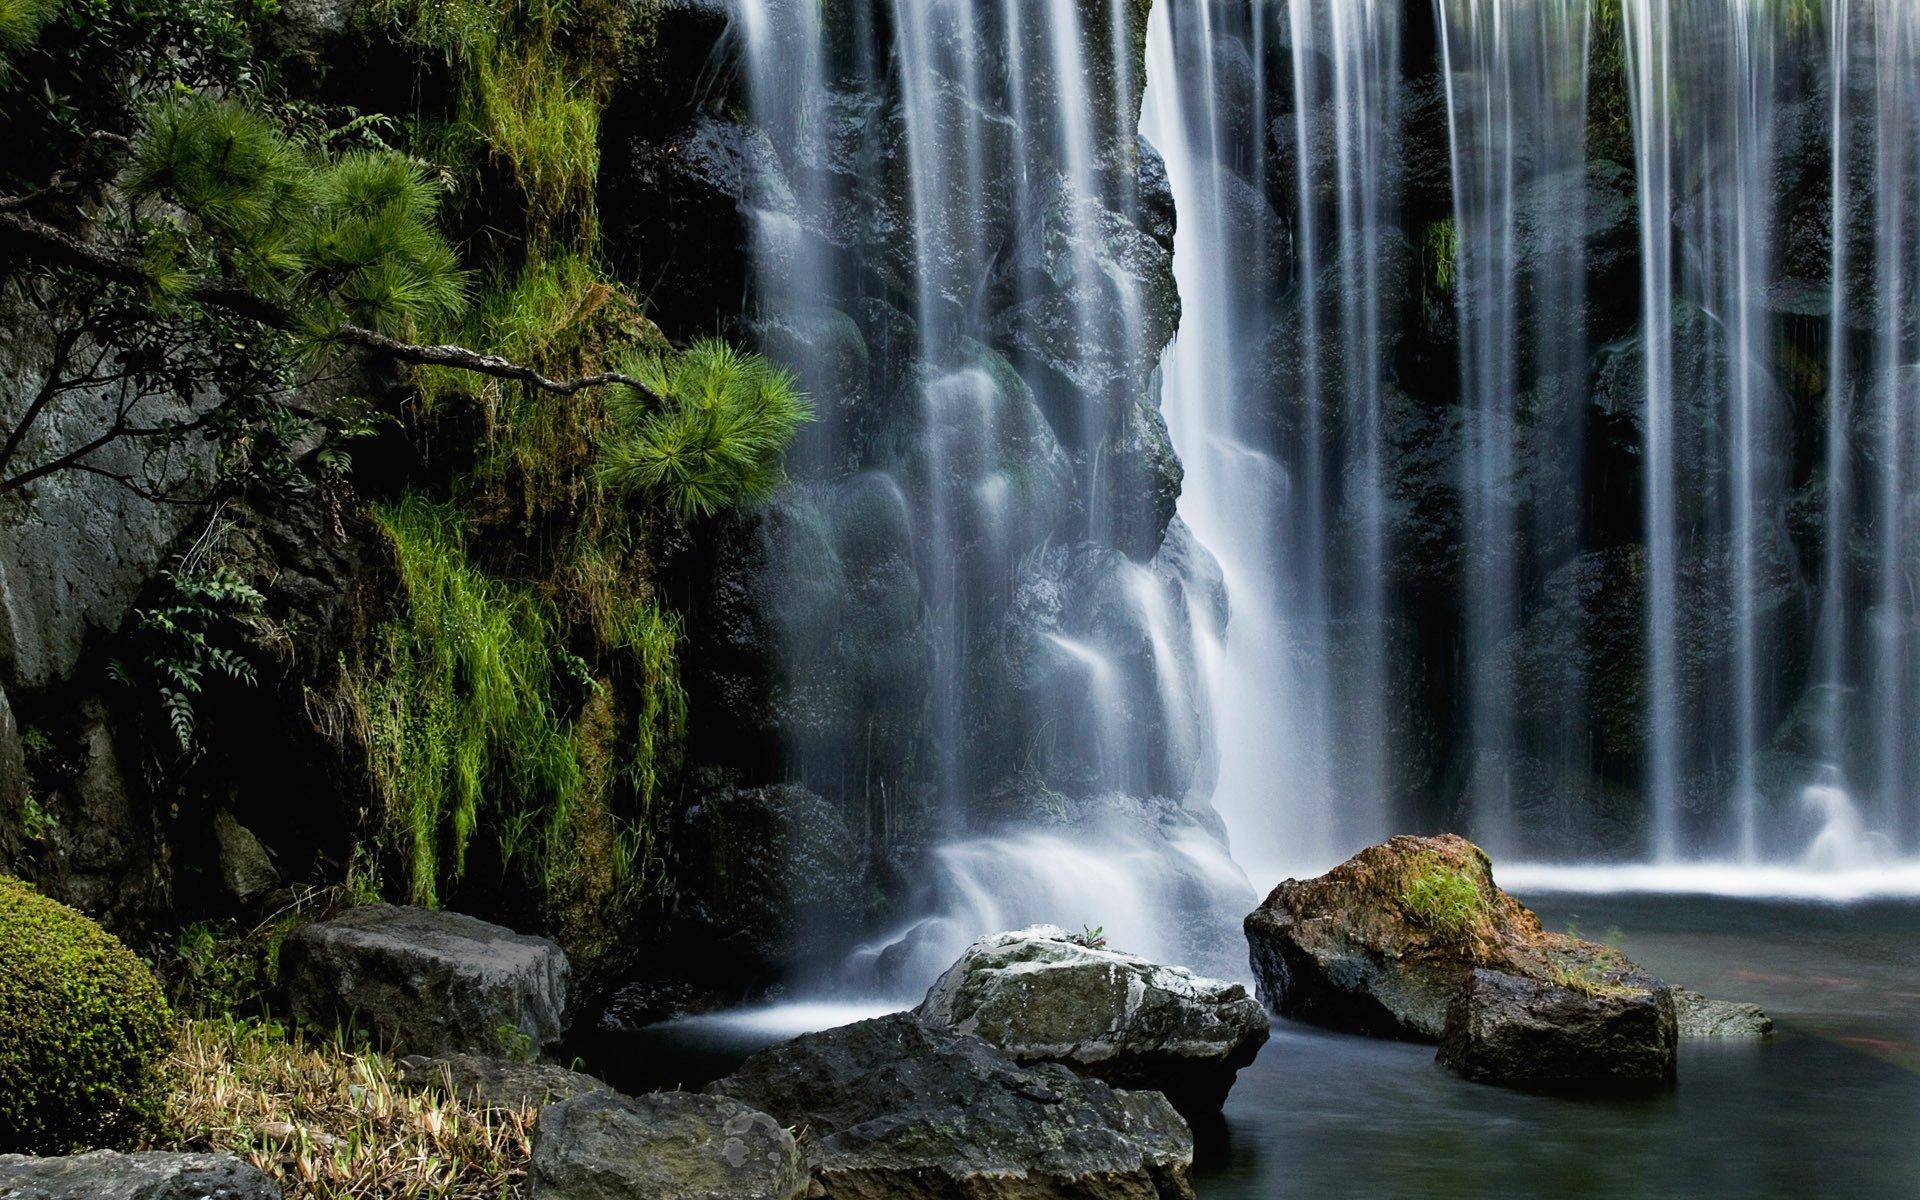 водопады картинки на аватарку создан